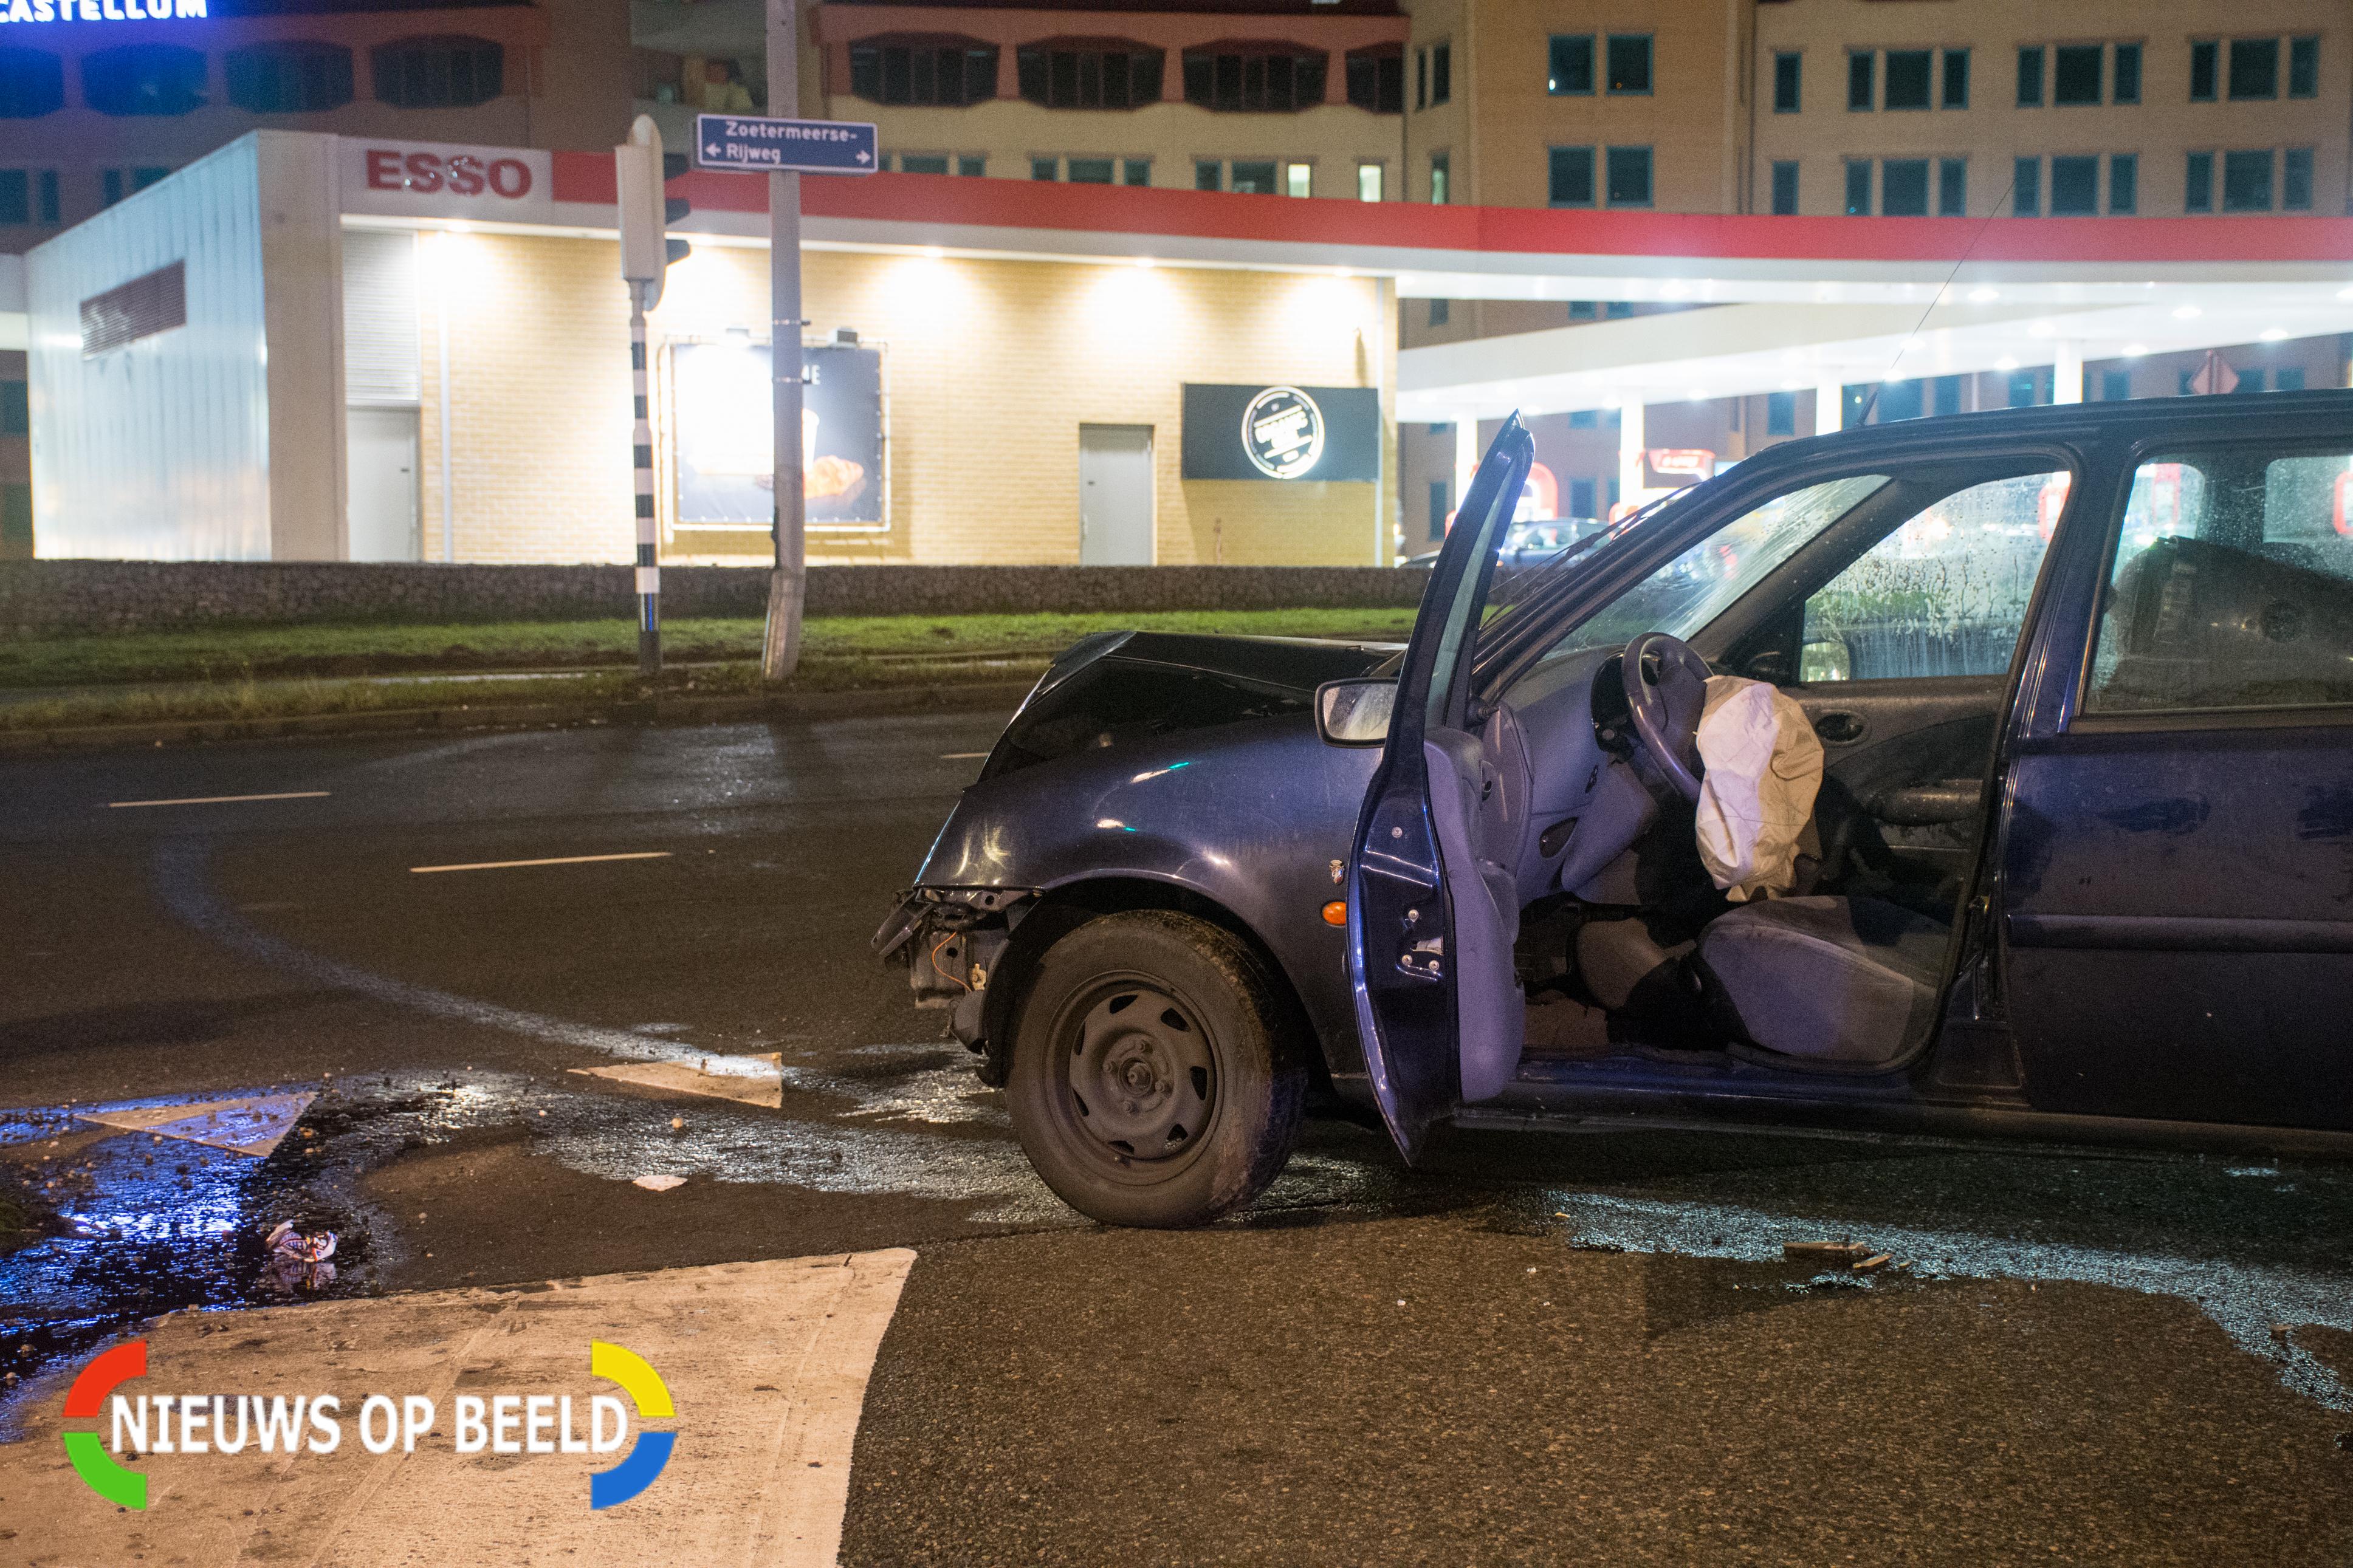 Zowel de paal als de auto hebben schade overgehouden aan het incident